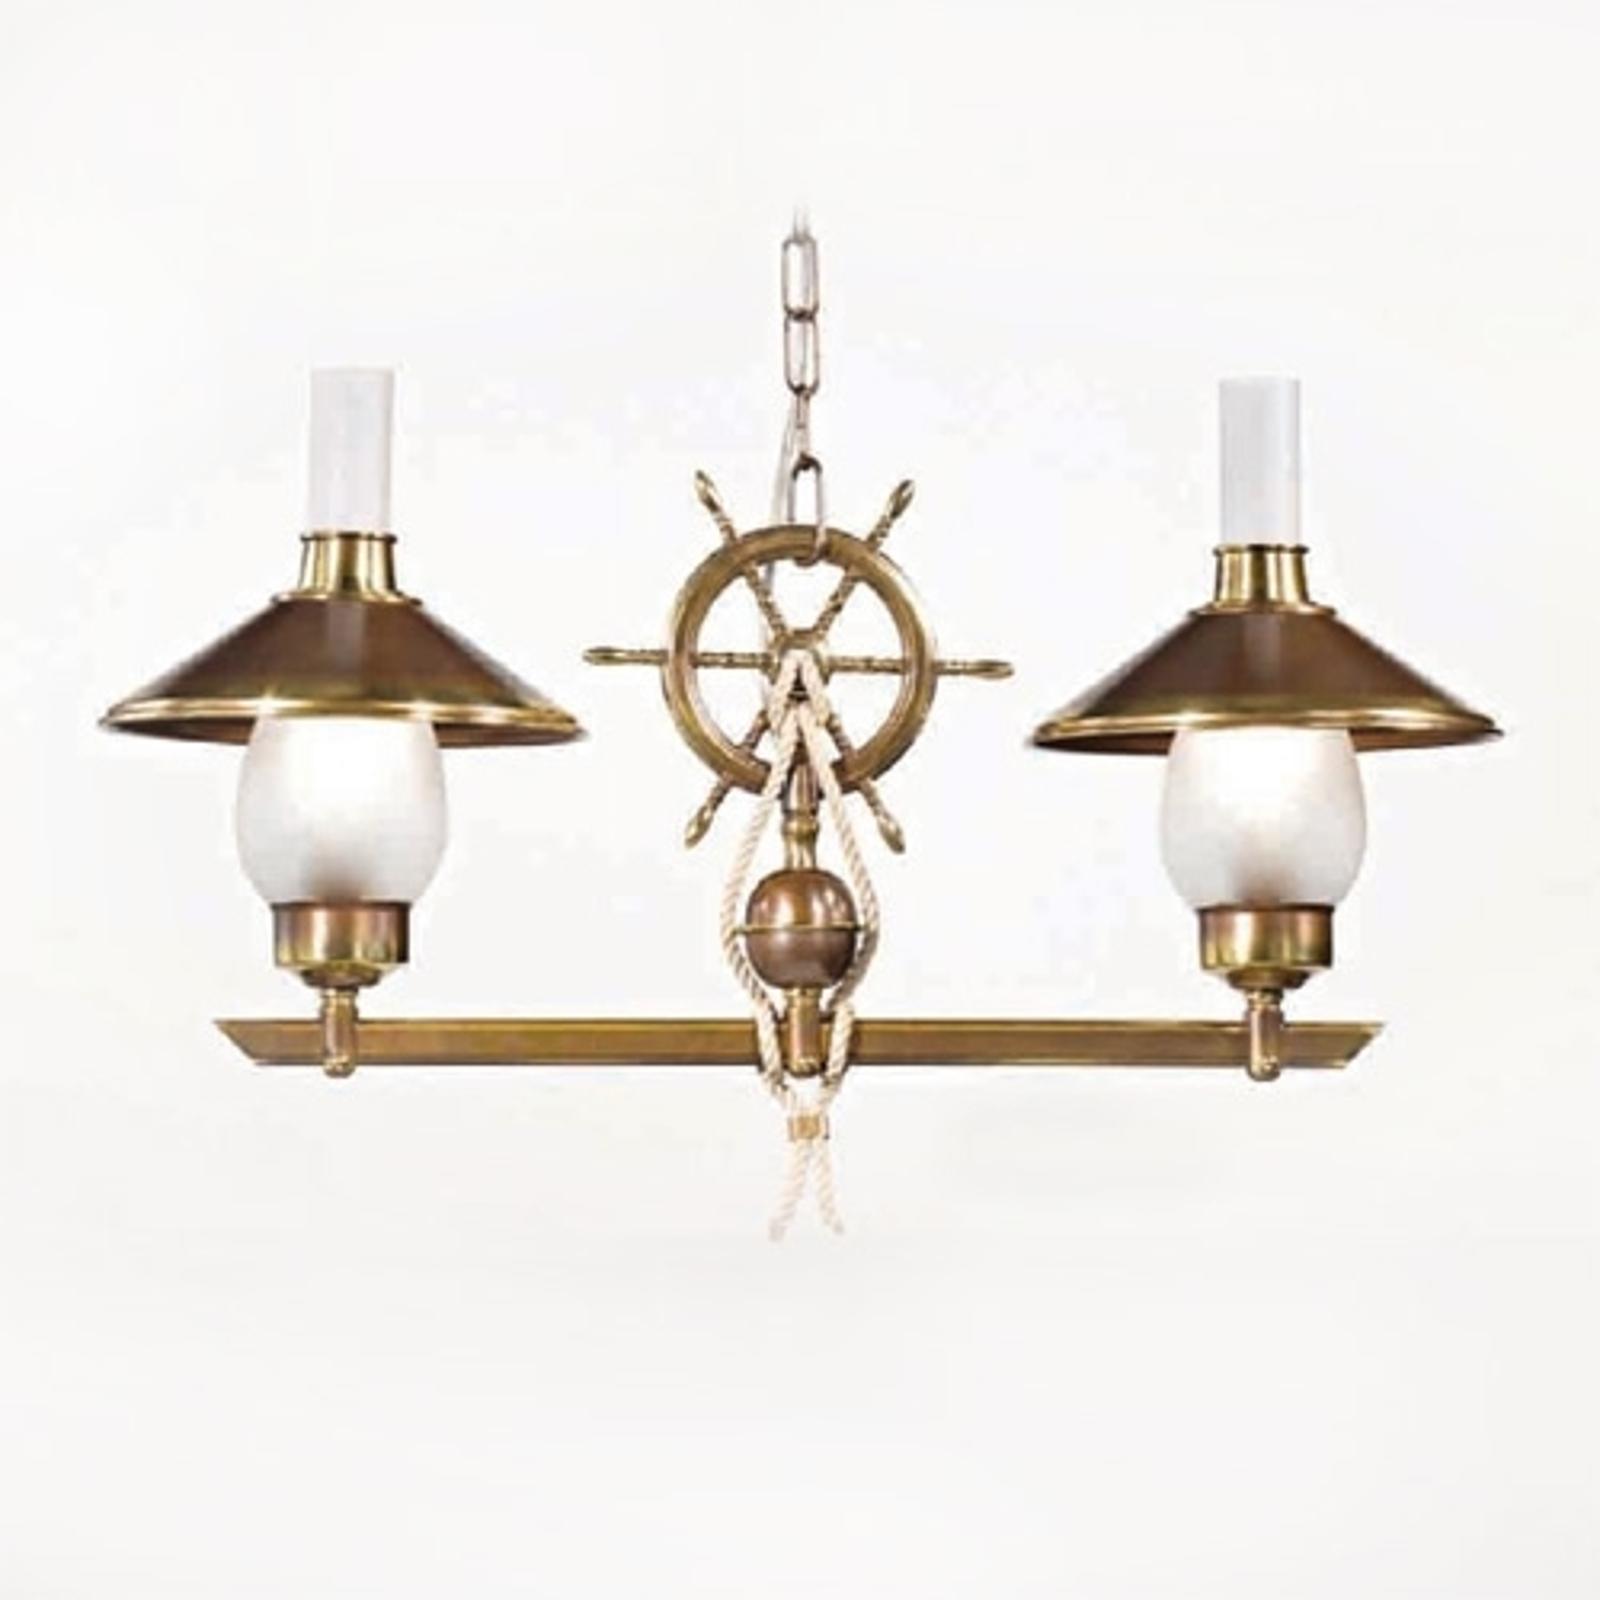 Tvåarmad taklampa Grecale med skeppsratt